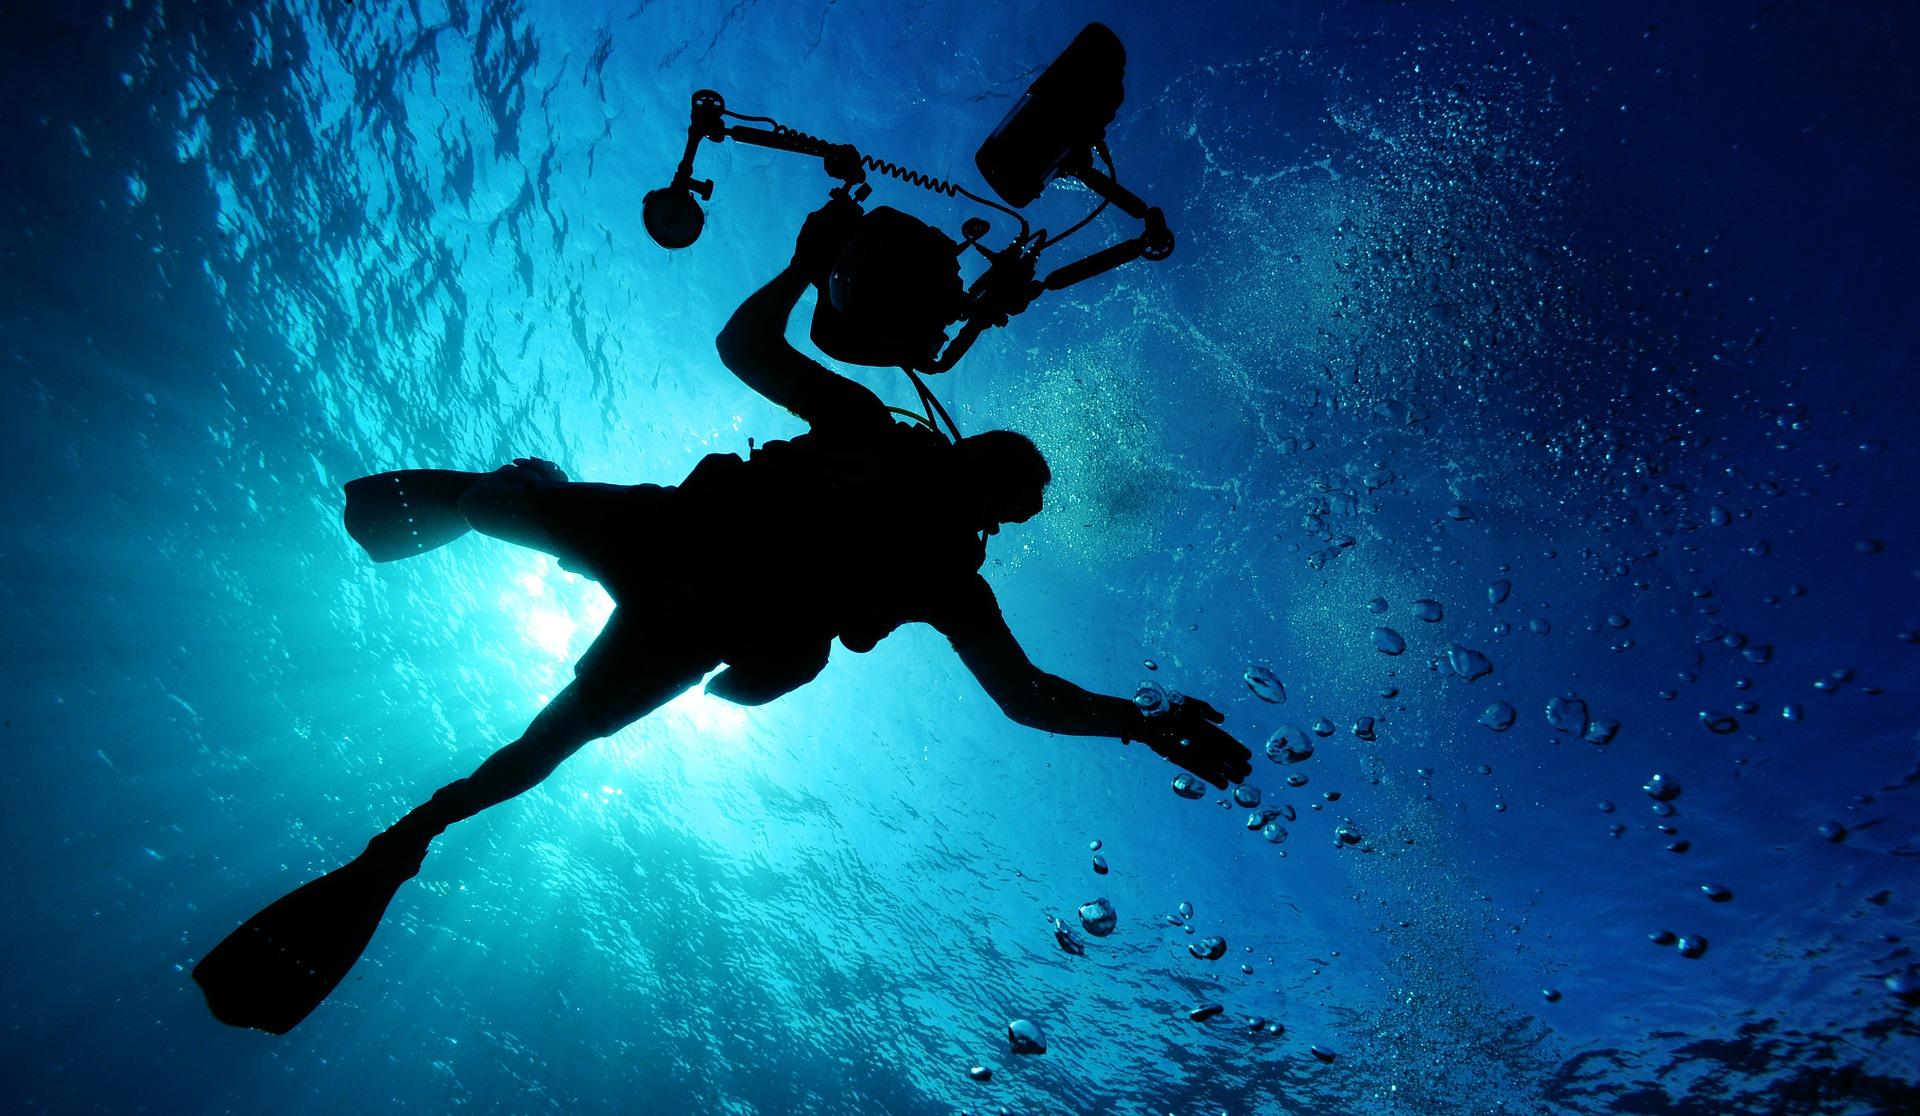 Selbst am Tag ist es im tieferen Wasser ohne Taucherlampe dunkel